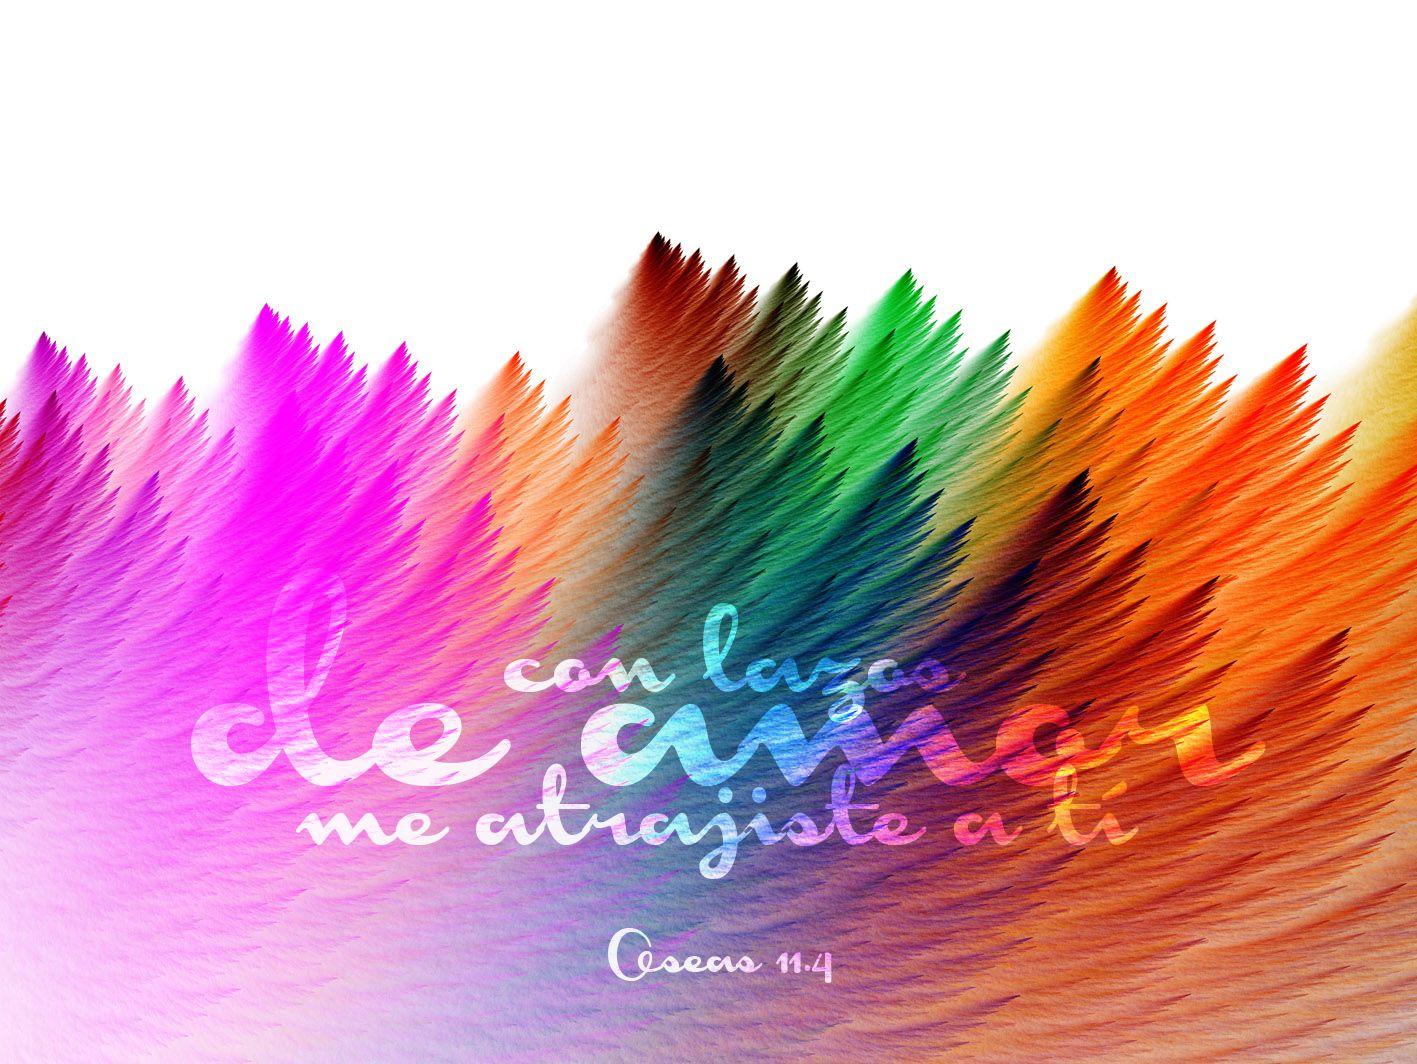 El amor de Dios por tí te alcanzará donde quiera que estés!